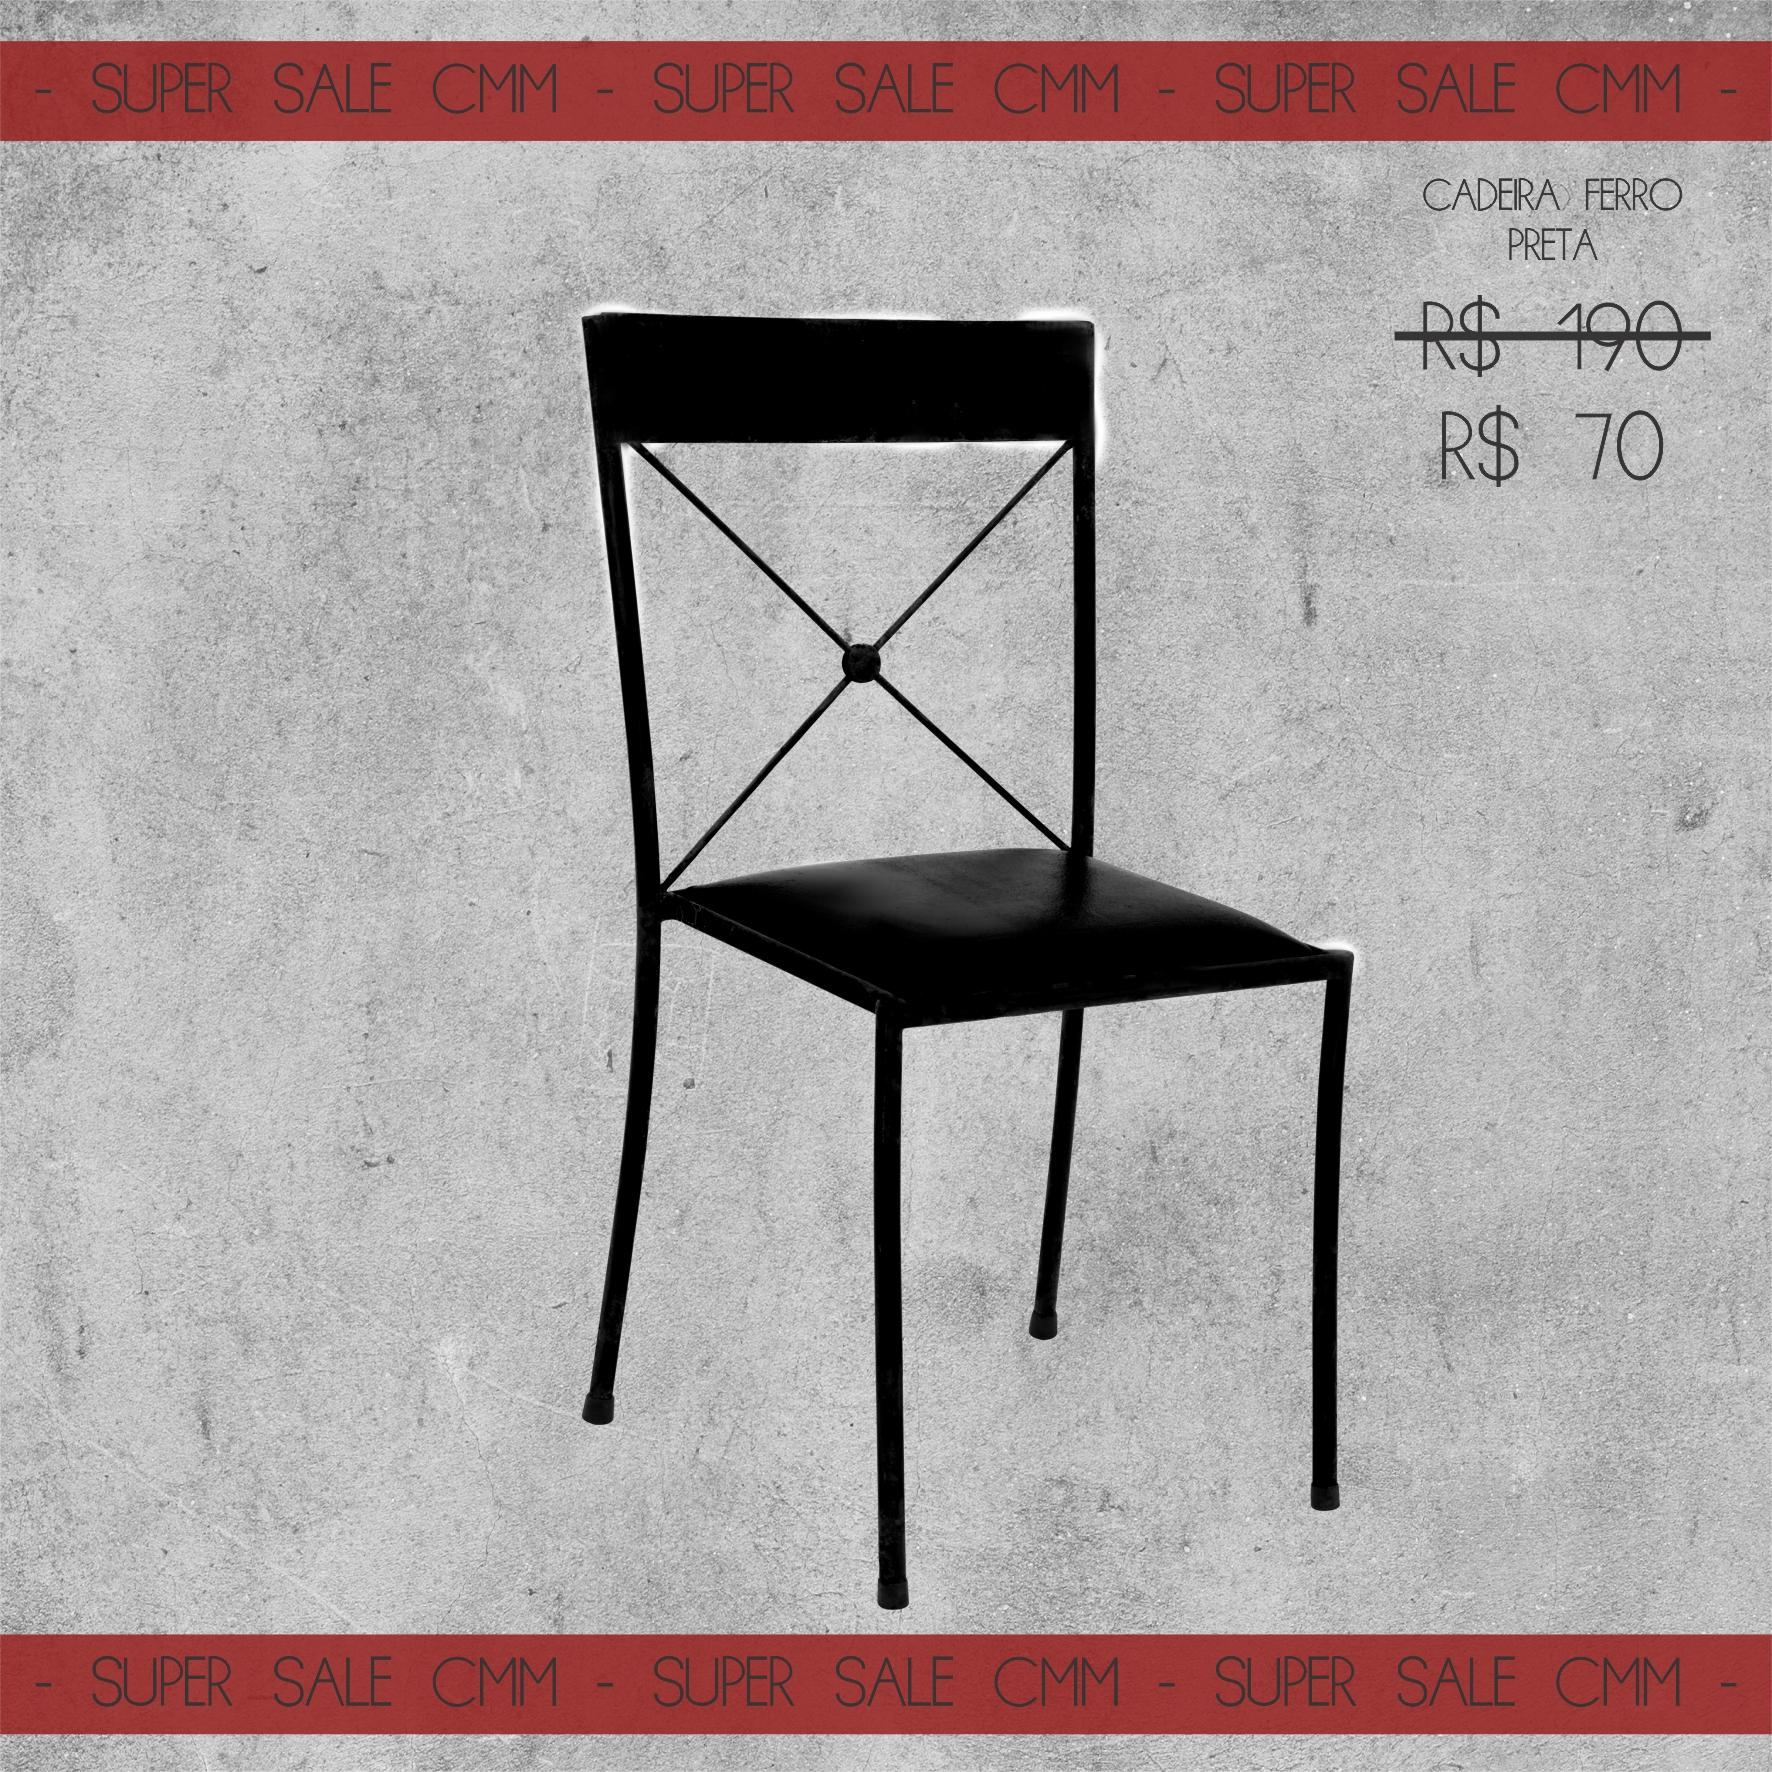 Super Sale Cadeira Ferro Preta